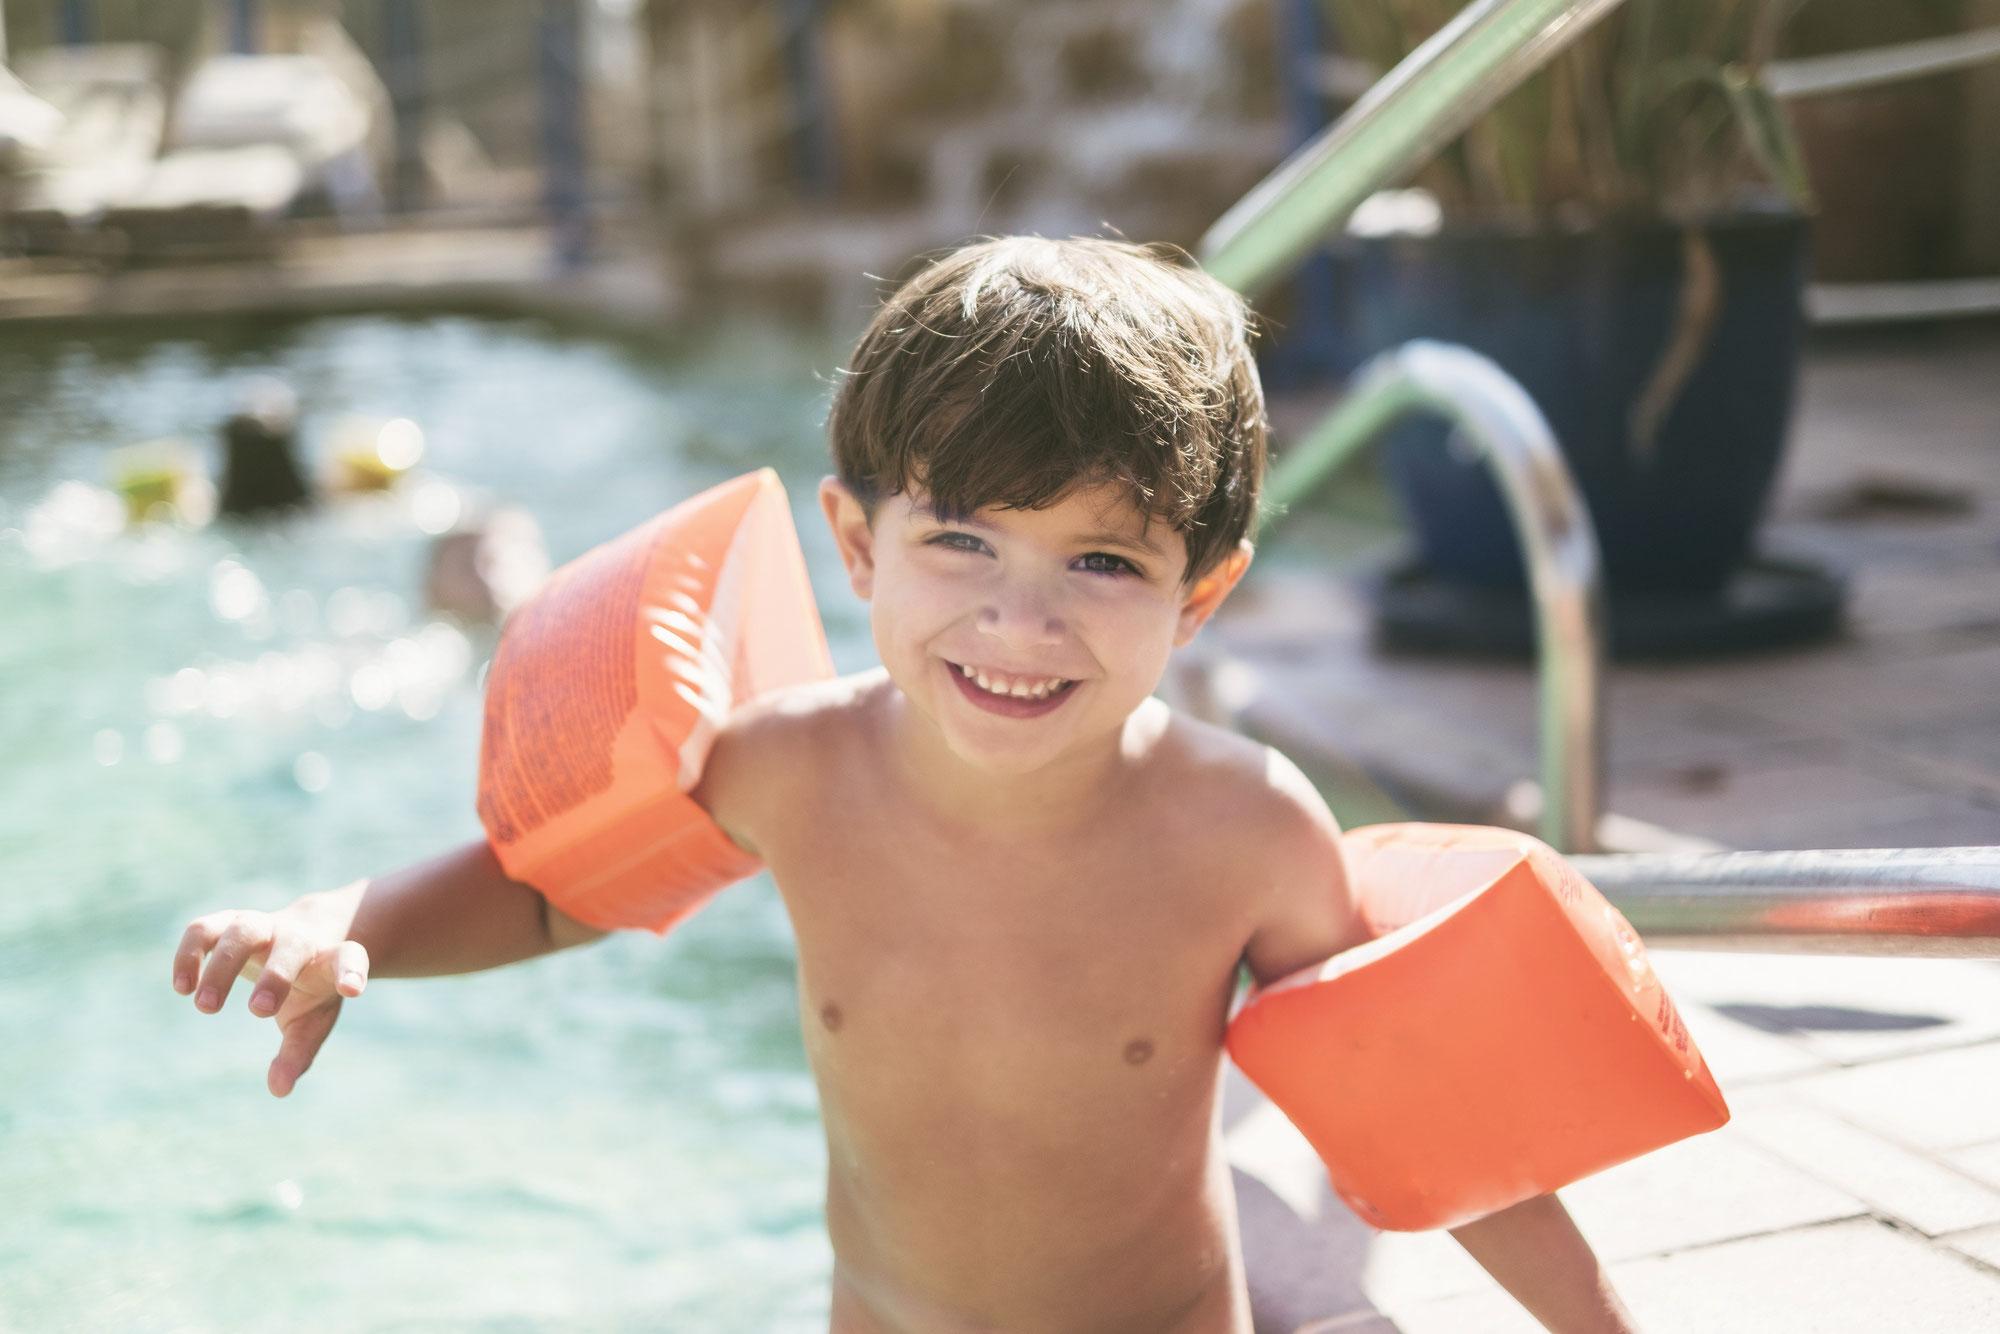 Sonnige Aussichten: Wie gewährleiste ich die Sicherheit der Kleinkinder in der Badi?